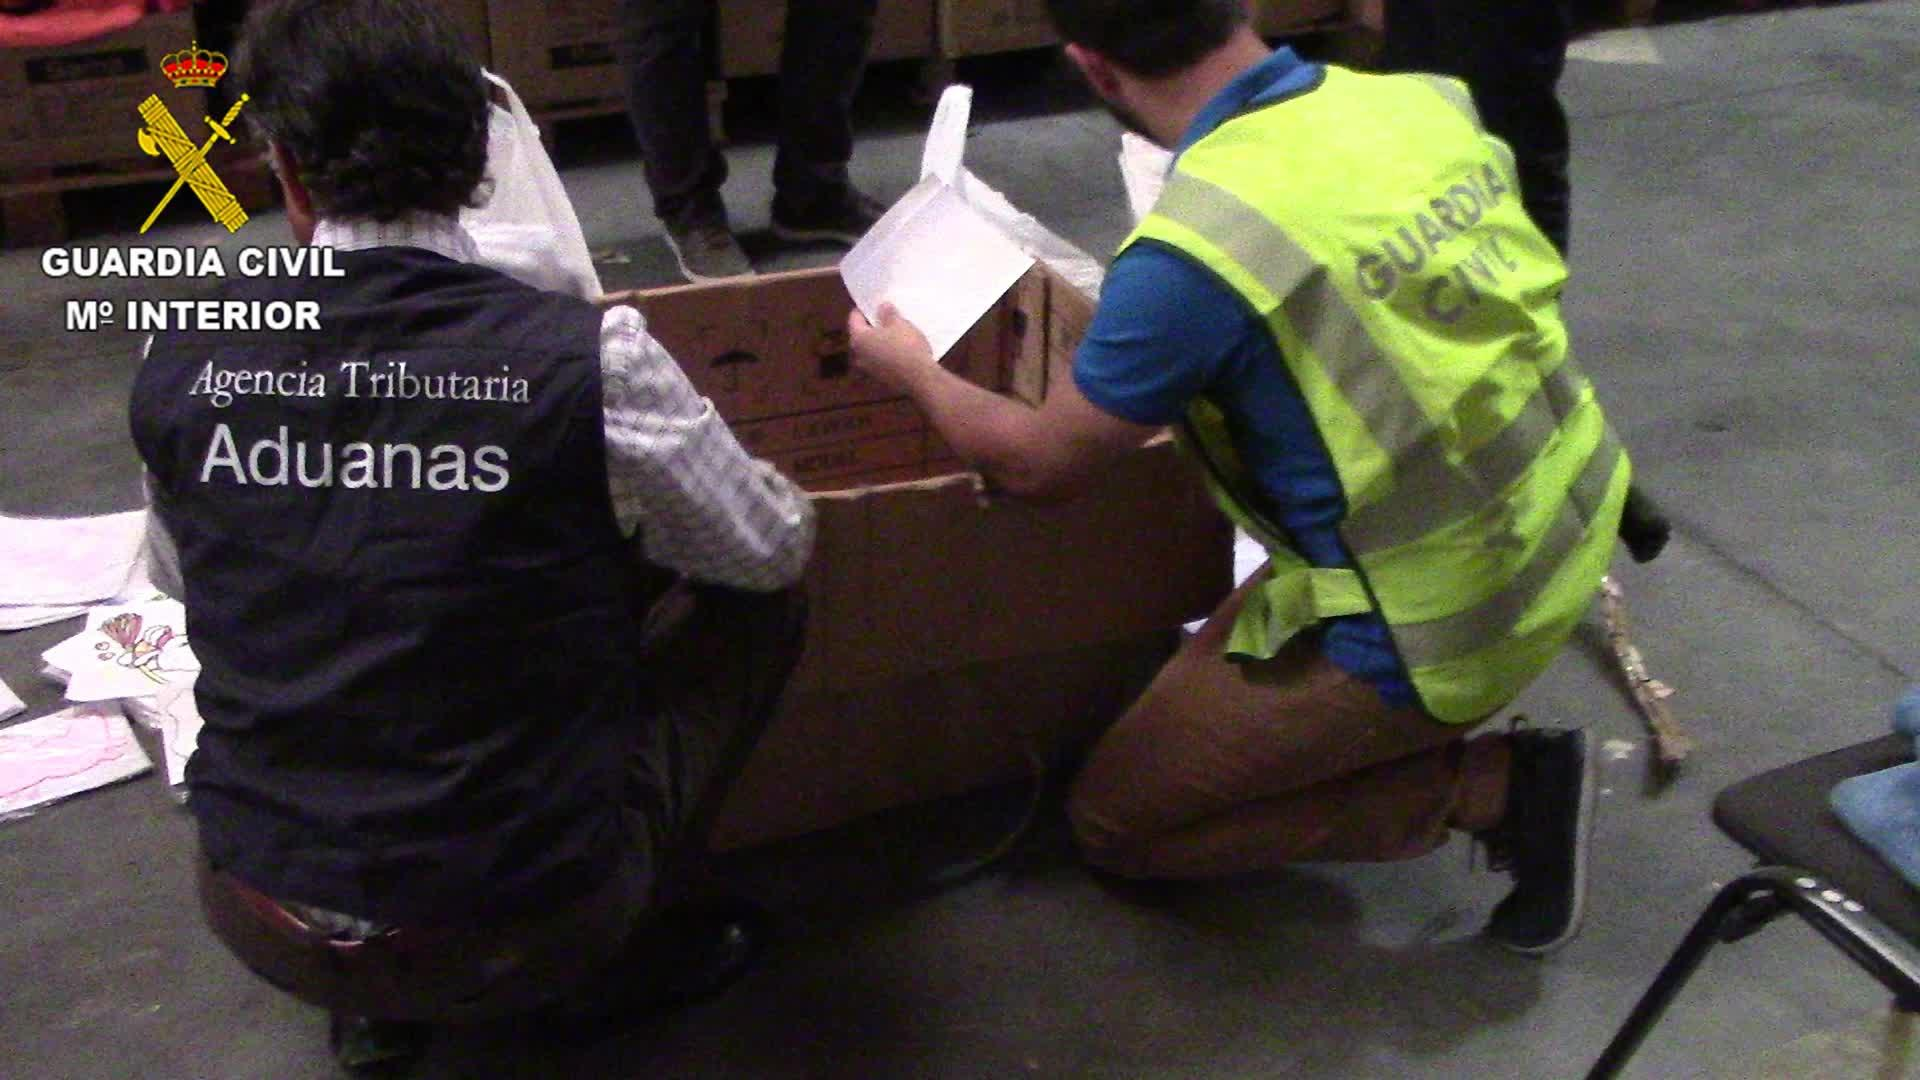 Desarticuladas varias empresas dedicadas al contrabando de falsificaciones en Mallorca